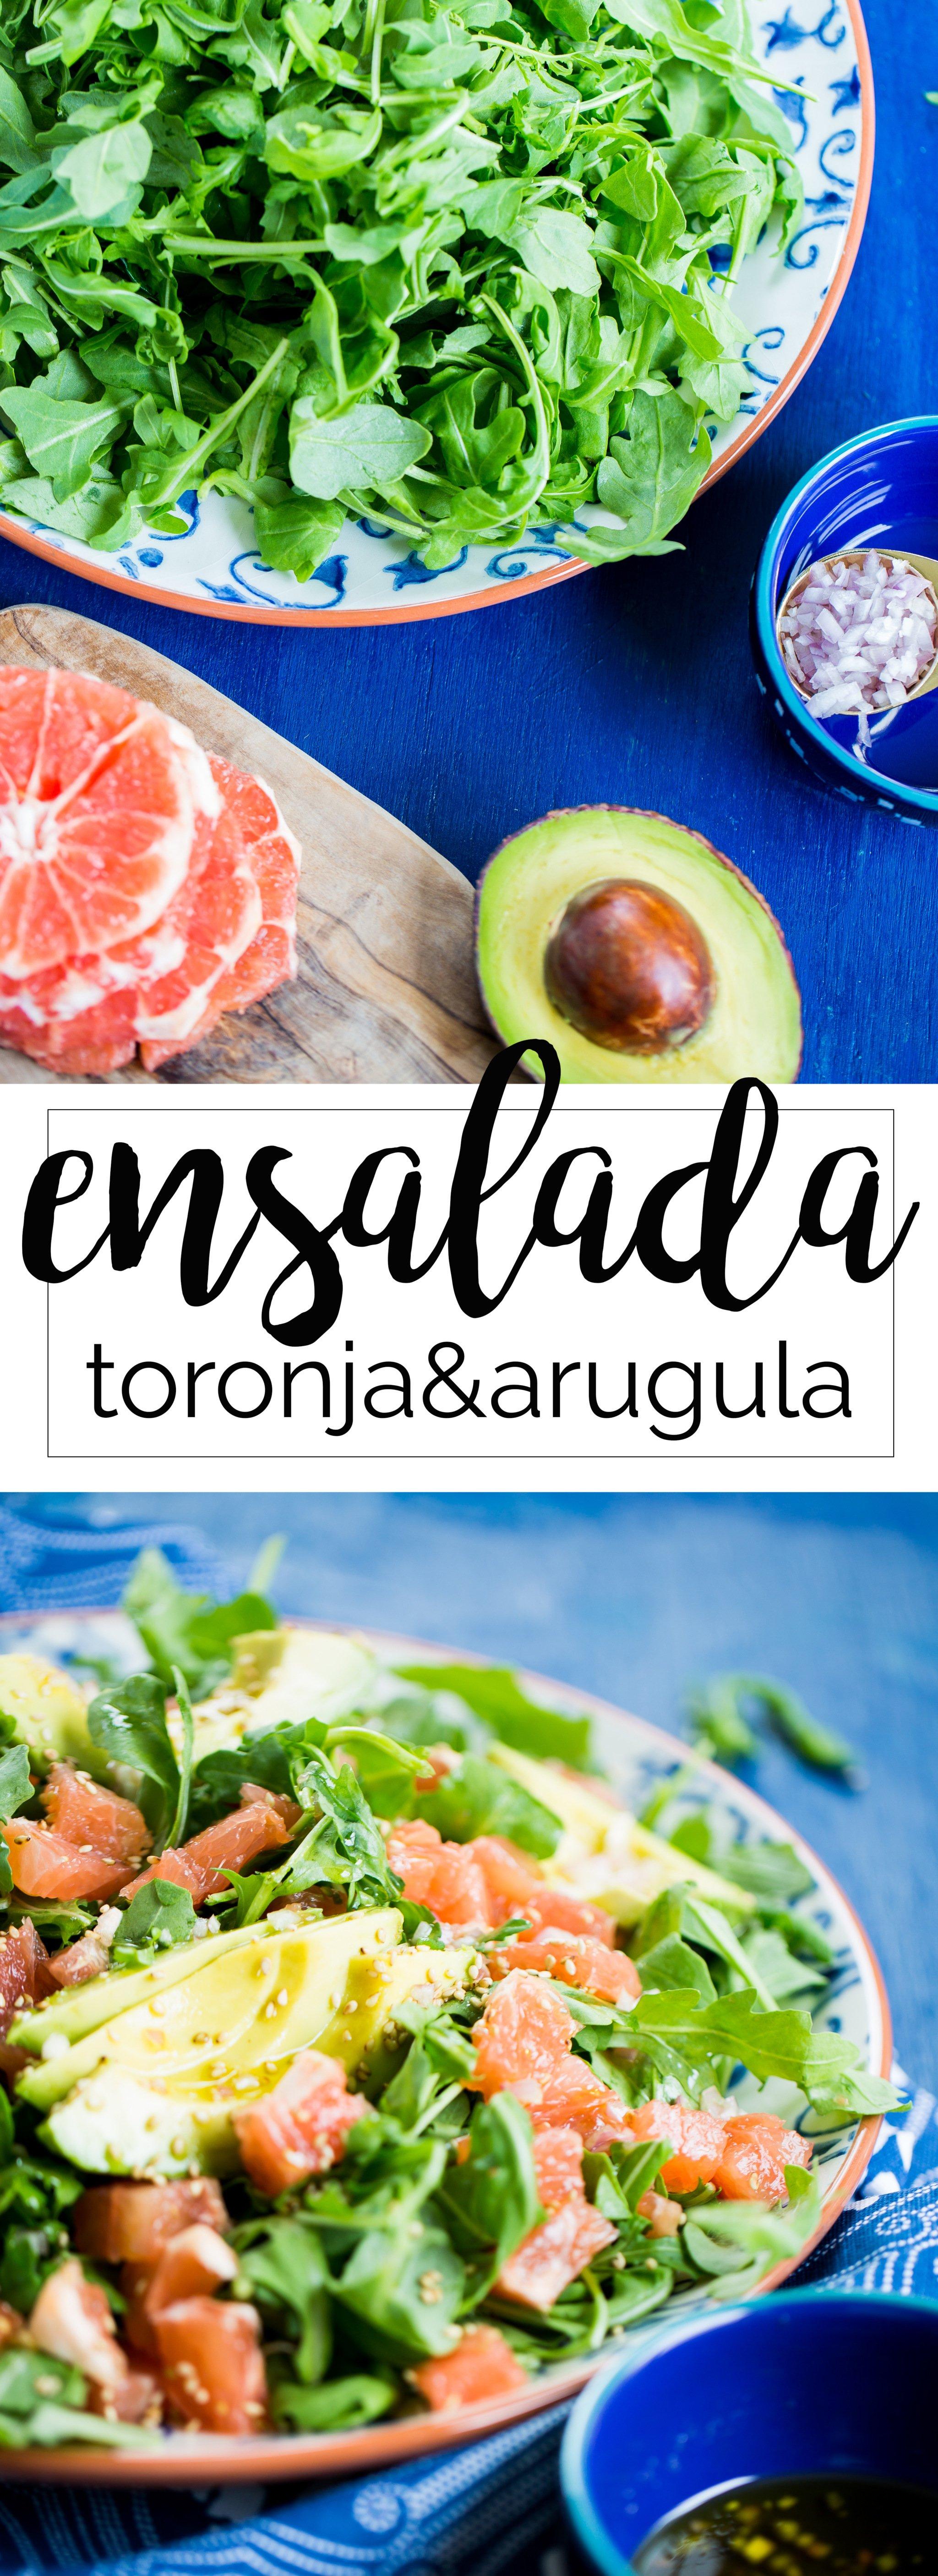 Esta receta de ensalada de arúgula y toronja super detox el de lo más saludable que puede haber es una receta  de ensalada fácil y deliciosa.